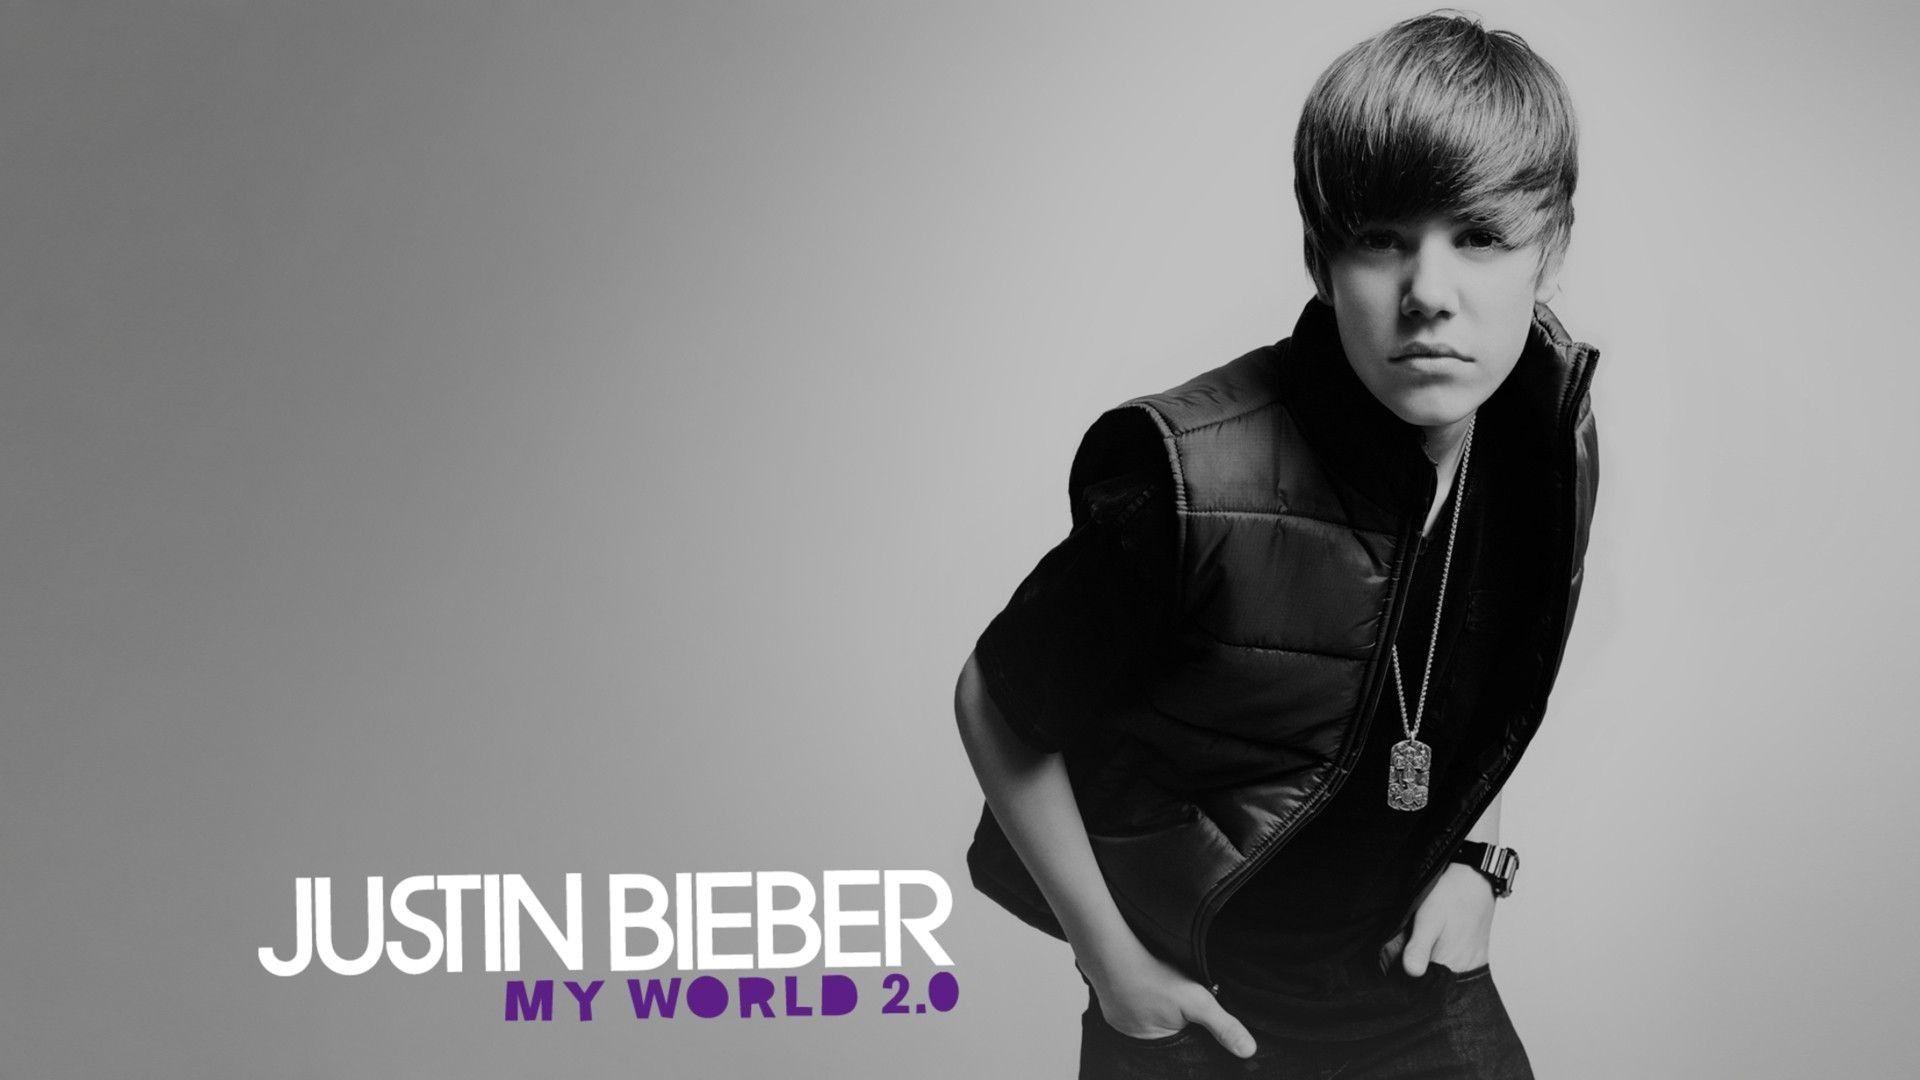 1920x1080 Desktop Justin Bieber Hd Wallpapers Images Download Justin Bieber Wallpaper Justin Bieber Justin Bieber My World